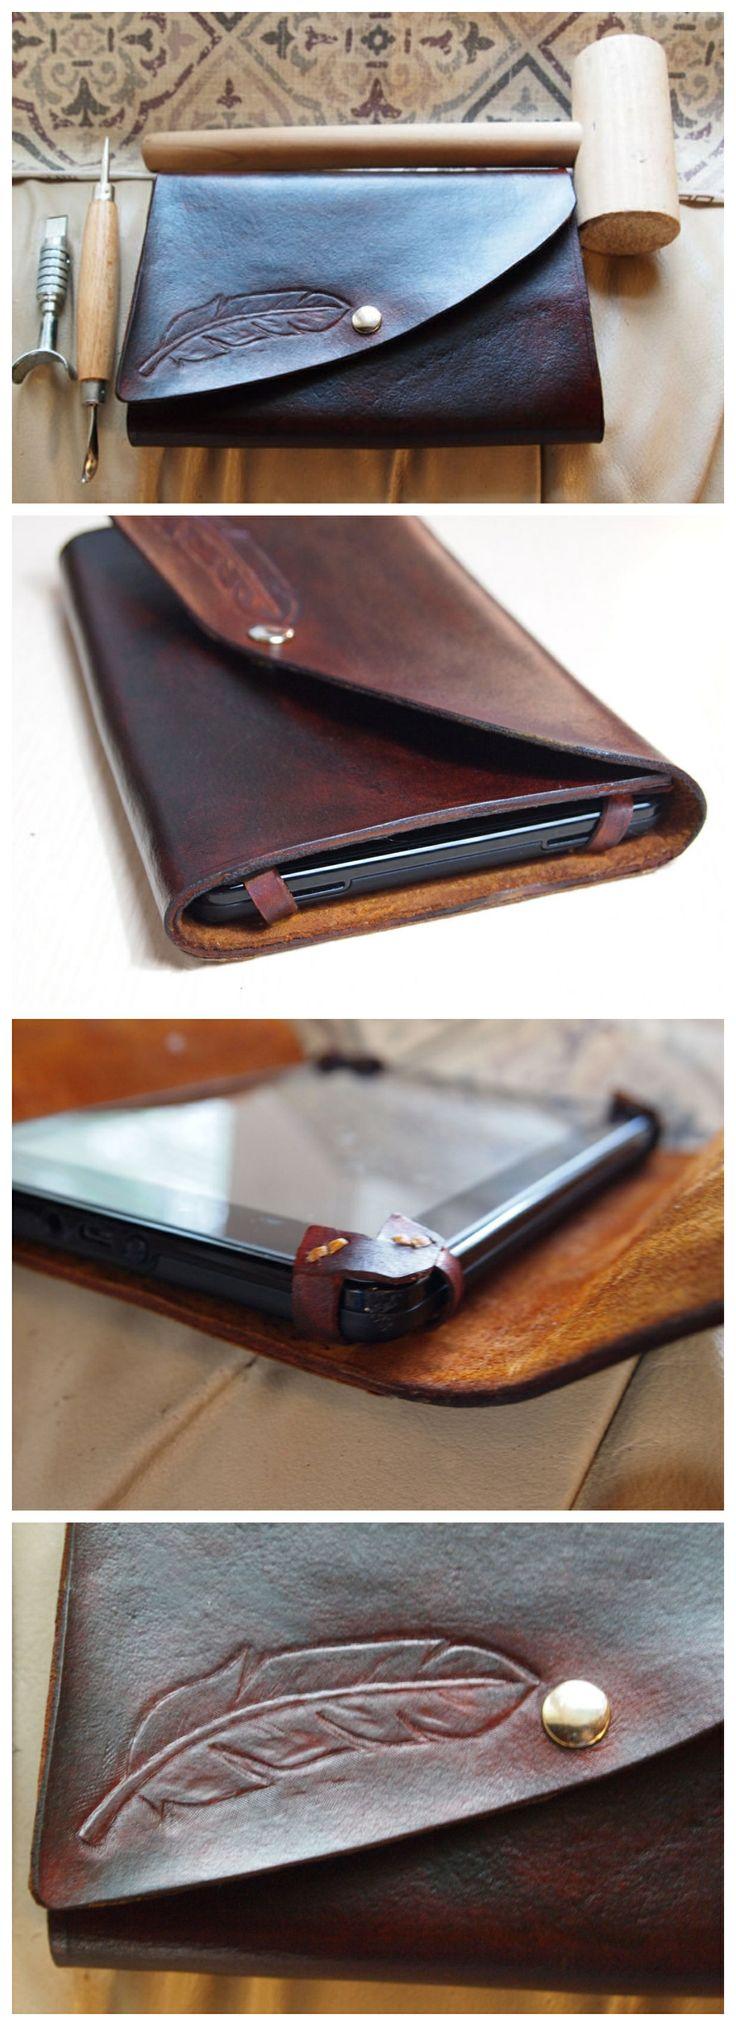 Как выглядят рукодельные подарки, интересные вашим близким: кожаный чехол для планшета своими руками